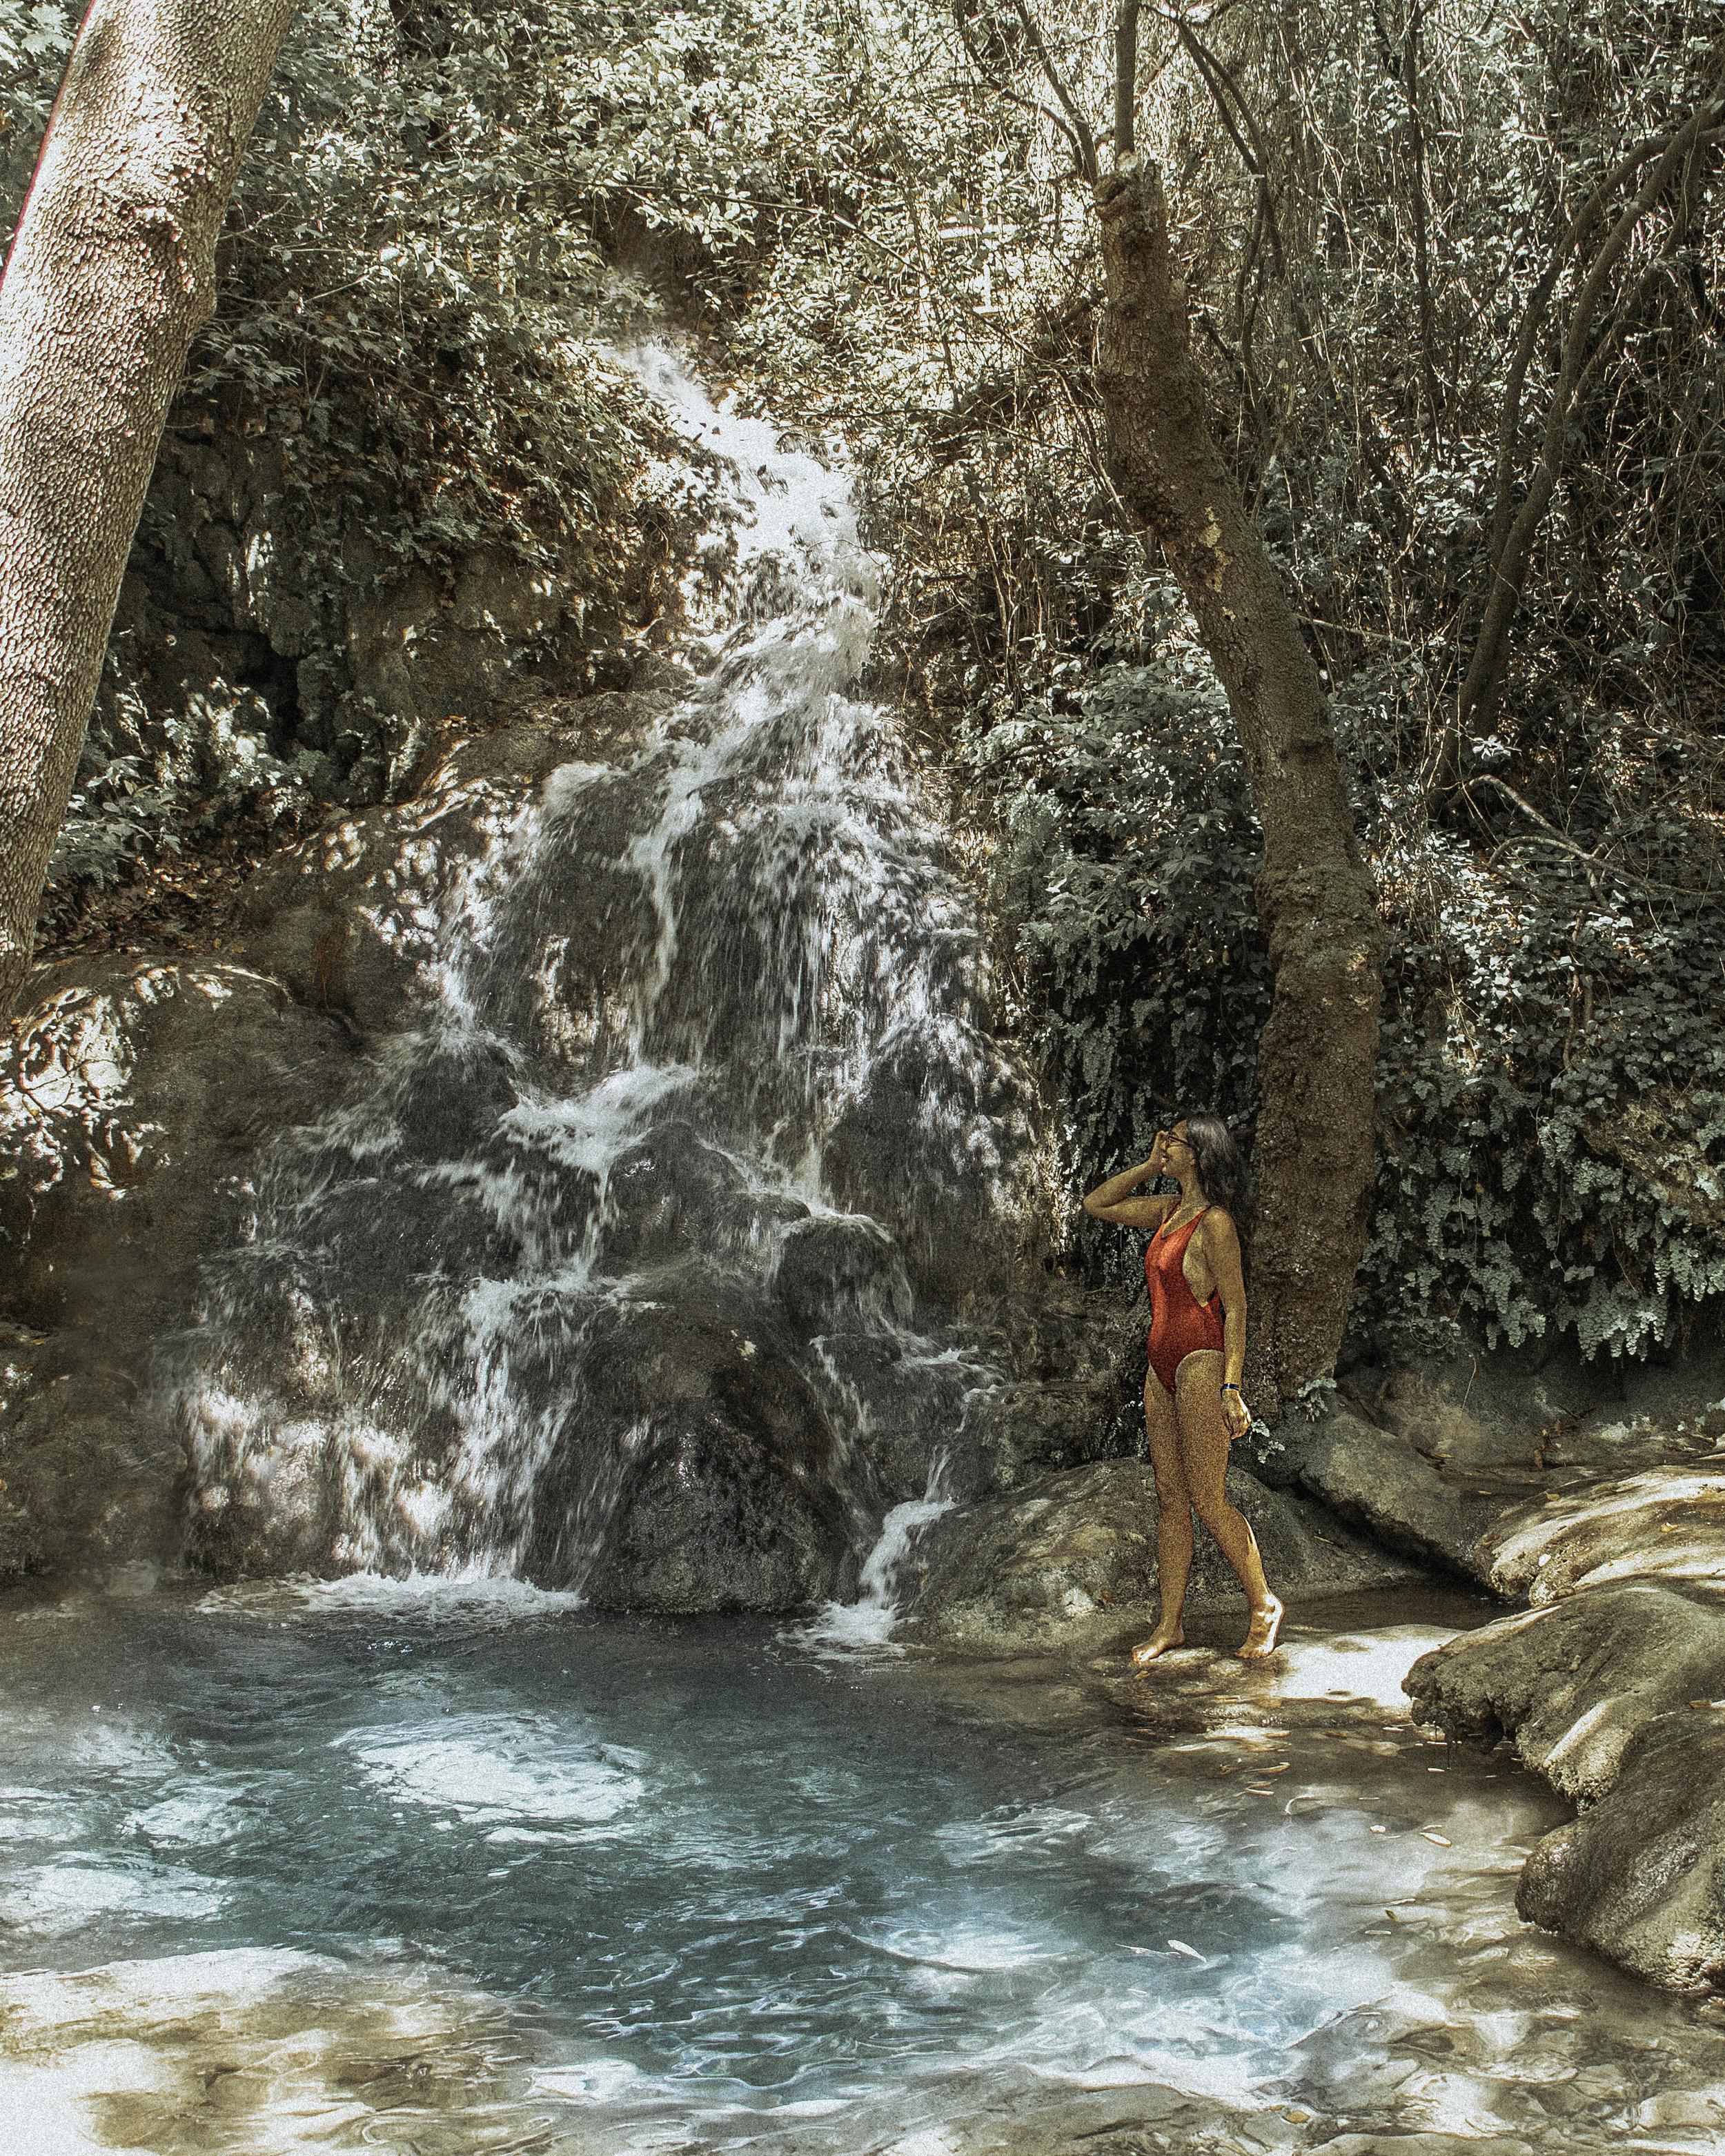 土耳其达拉曼特古特的塞拉尔瀑布